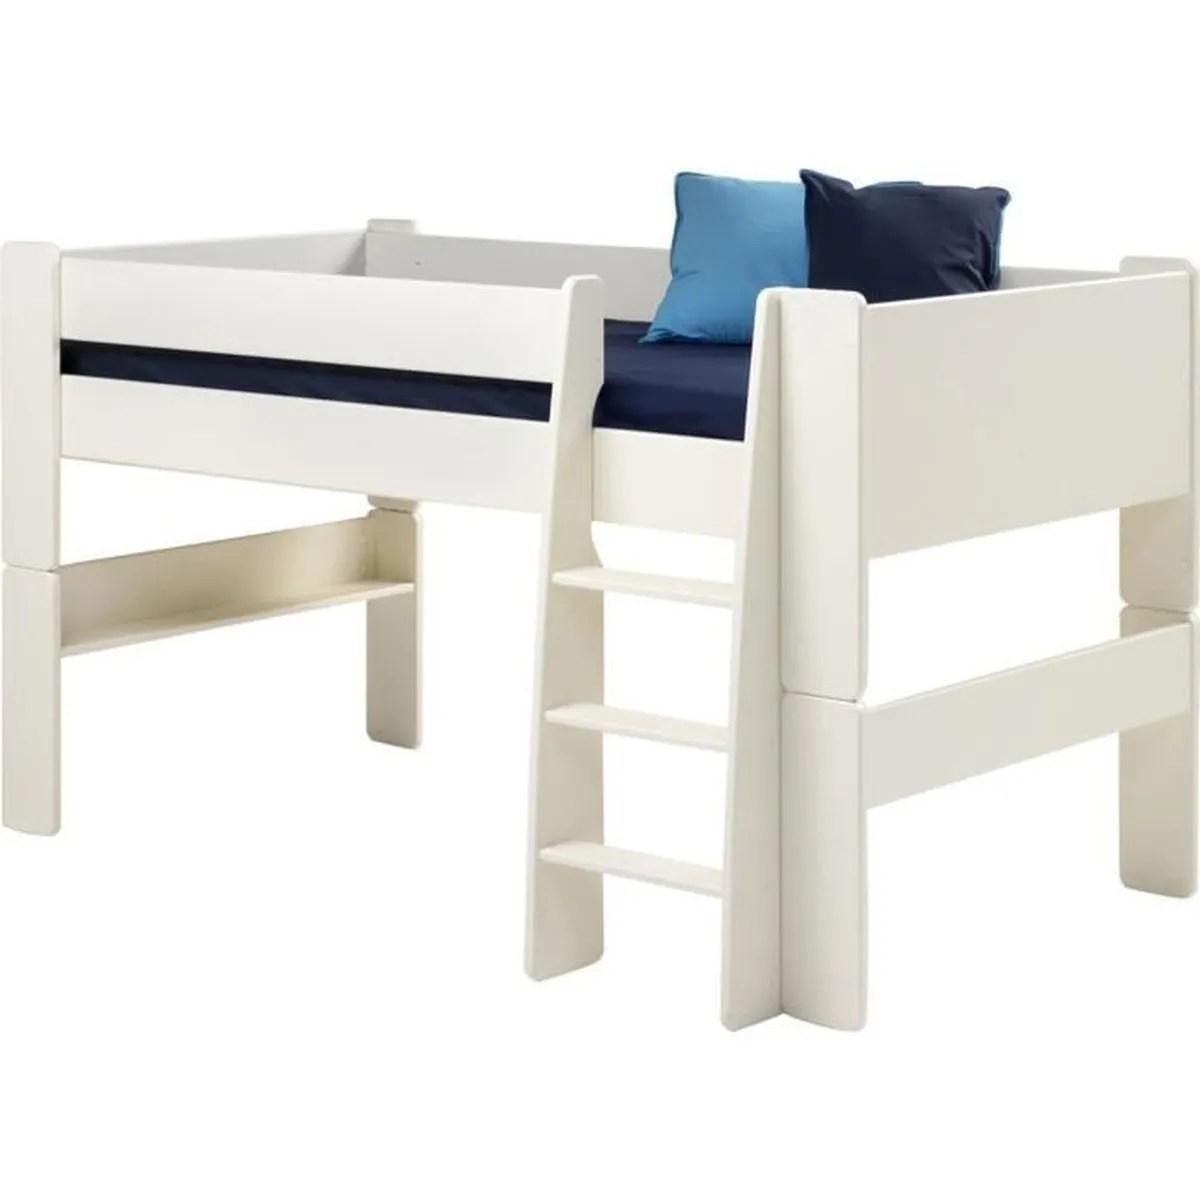 lit mi hauteur pour enfant en mdf bois verni blanc dim 206 x 114 x 113 cm